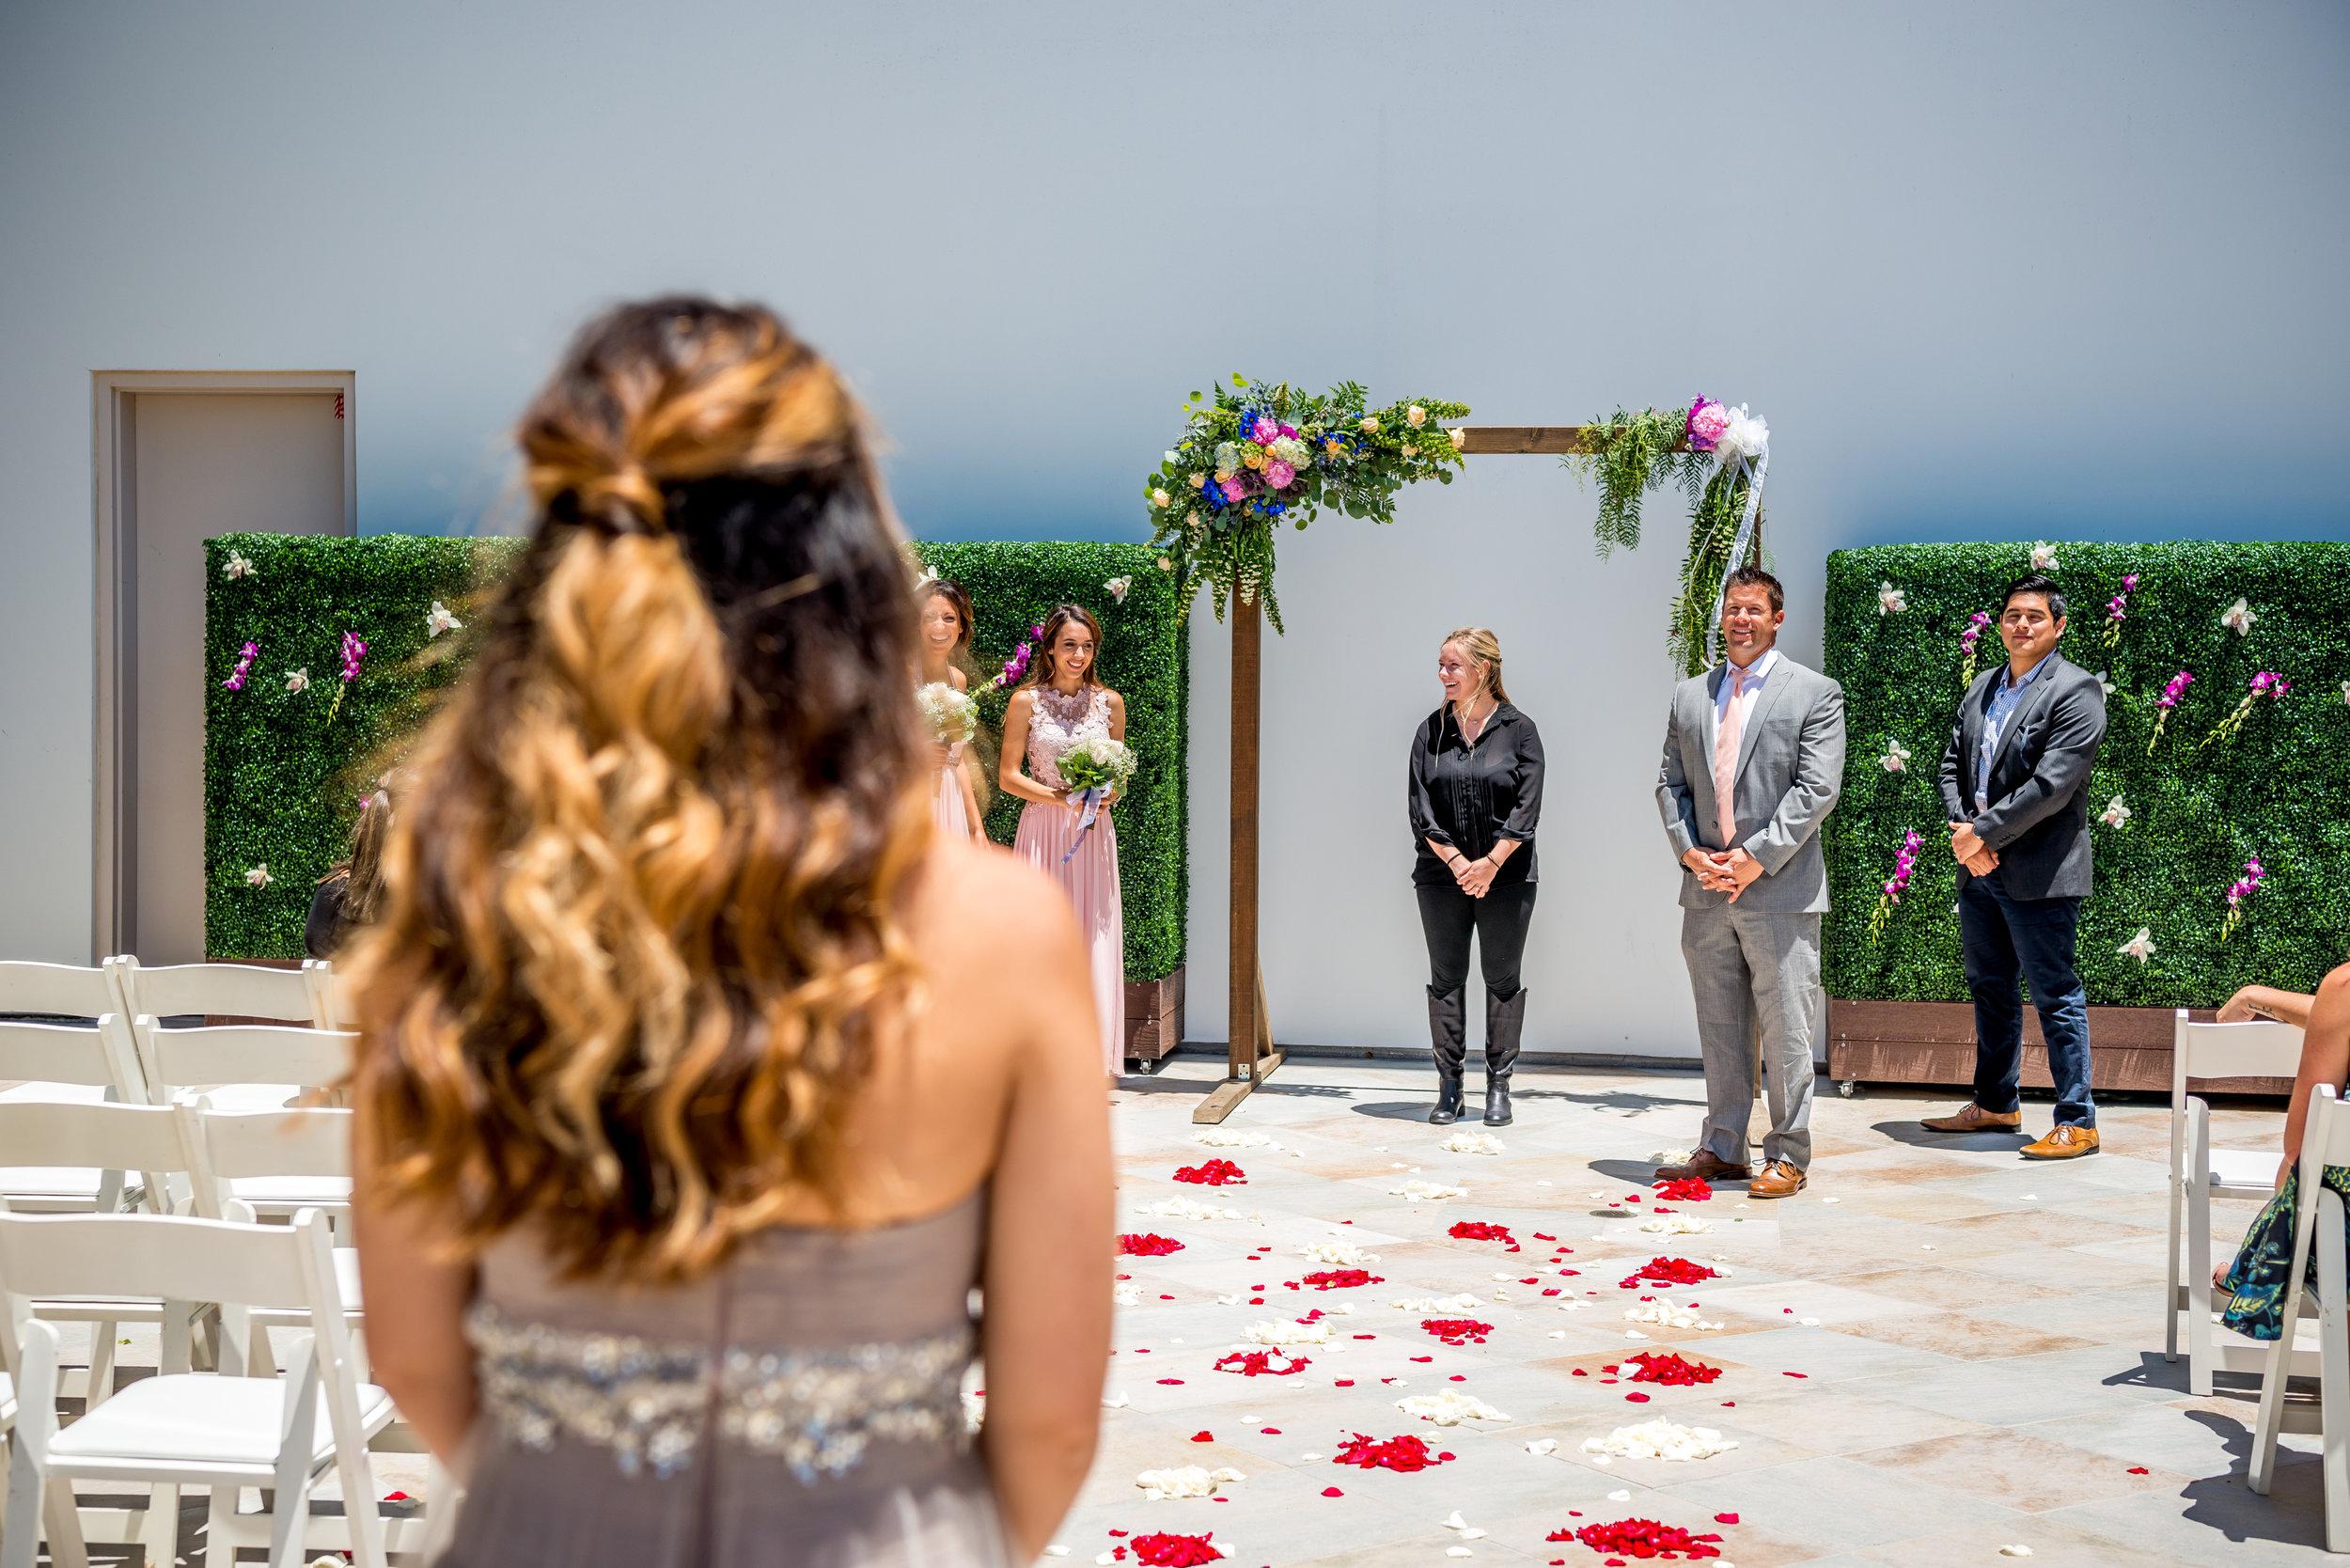 The_Centre_Escondido_Weddings_Emry_Photography_0255.jpg